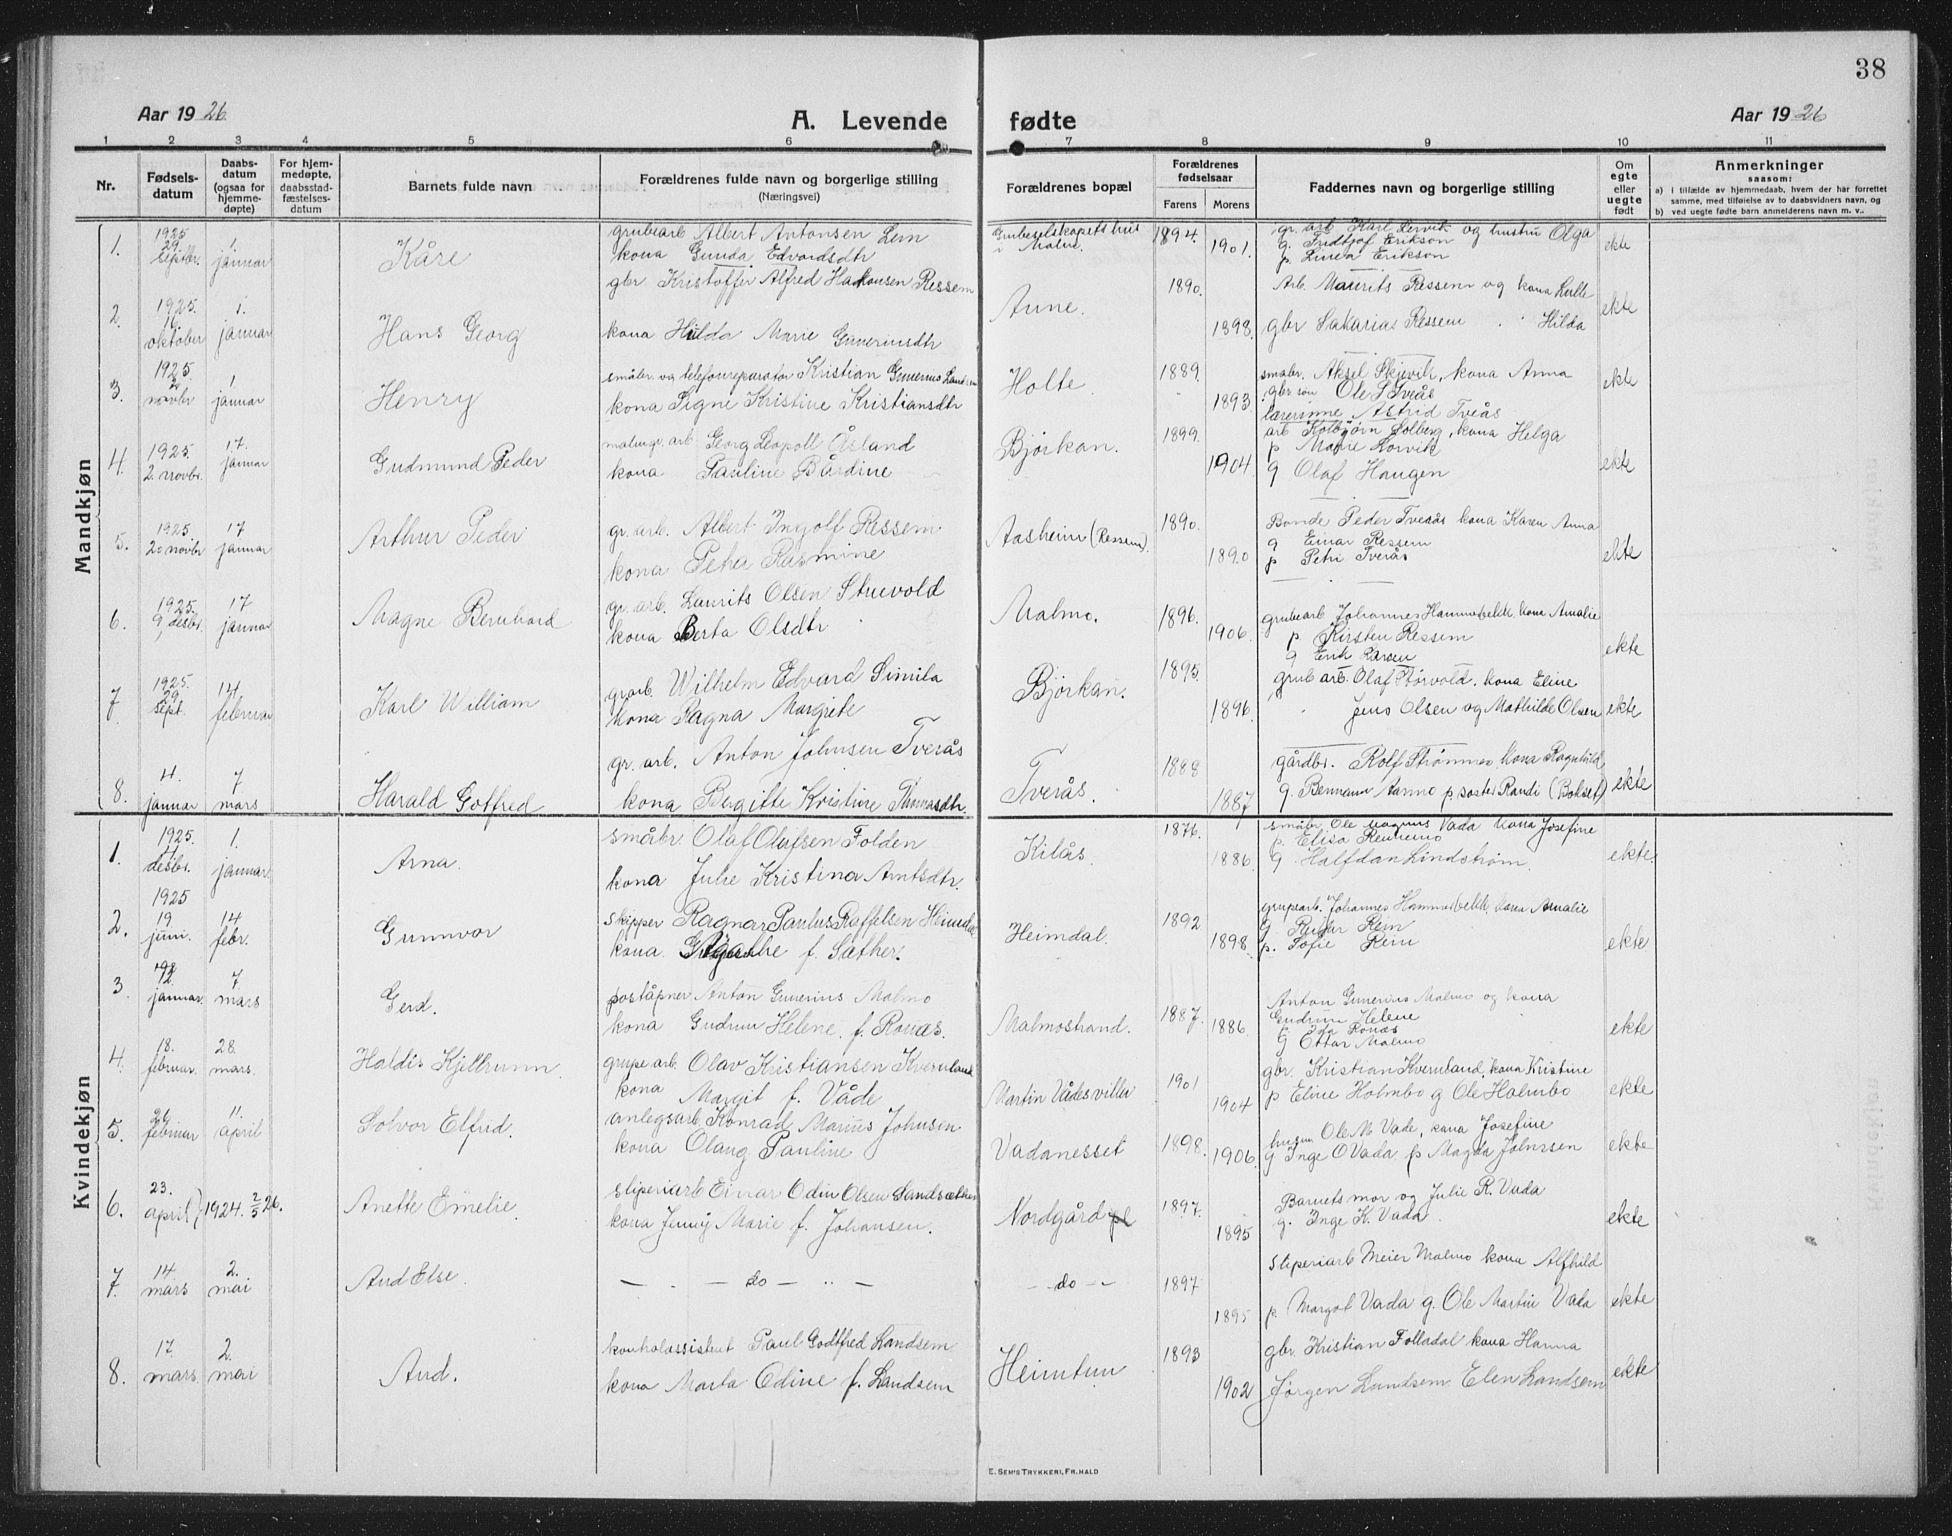 SAT, Ministerialprotokoller, klokkerbøker og fødselsregistre - Nord-Trøndelag, 745/L0434: Klokkerbok nr. 745C03, 1914-1937, s. 38